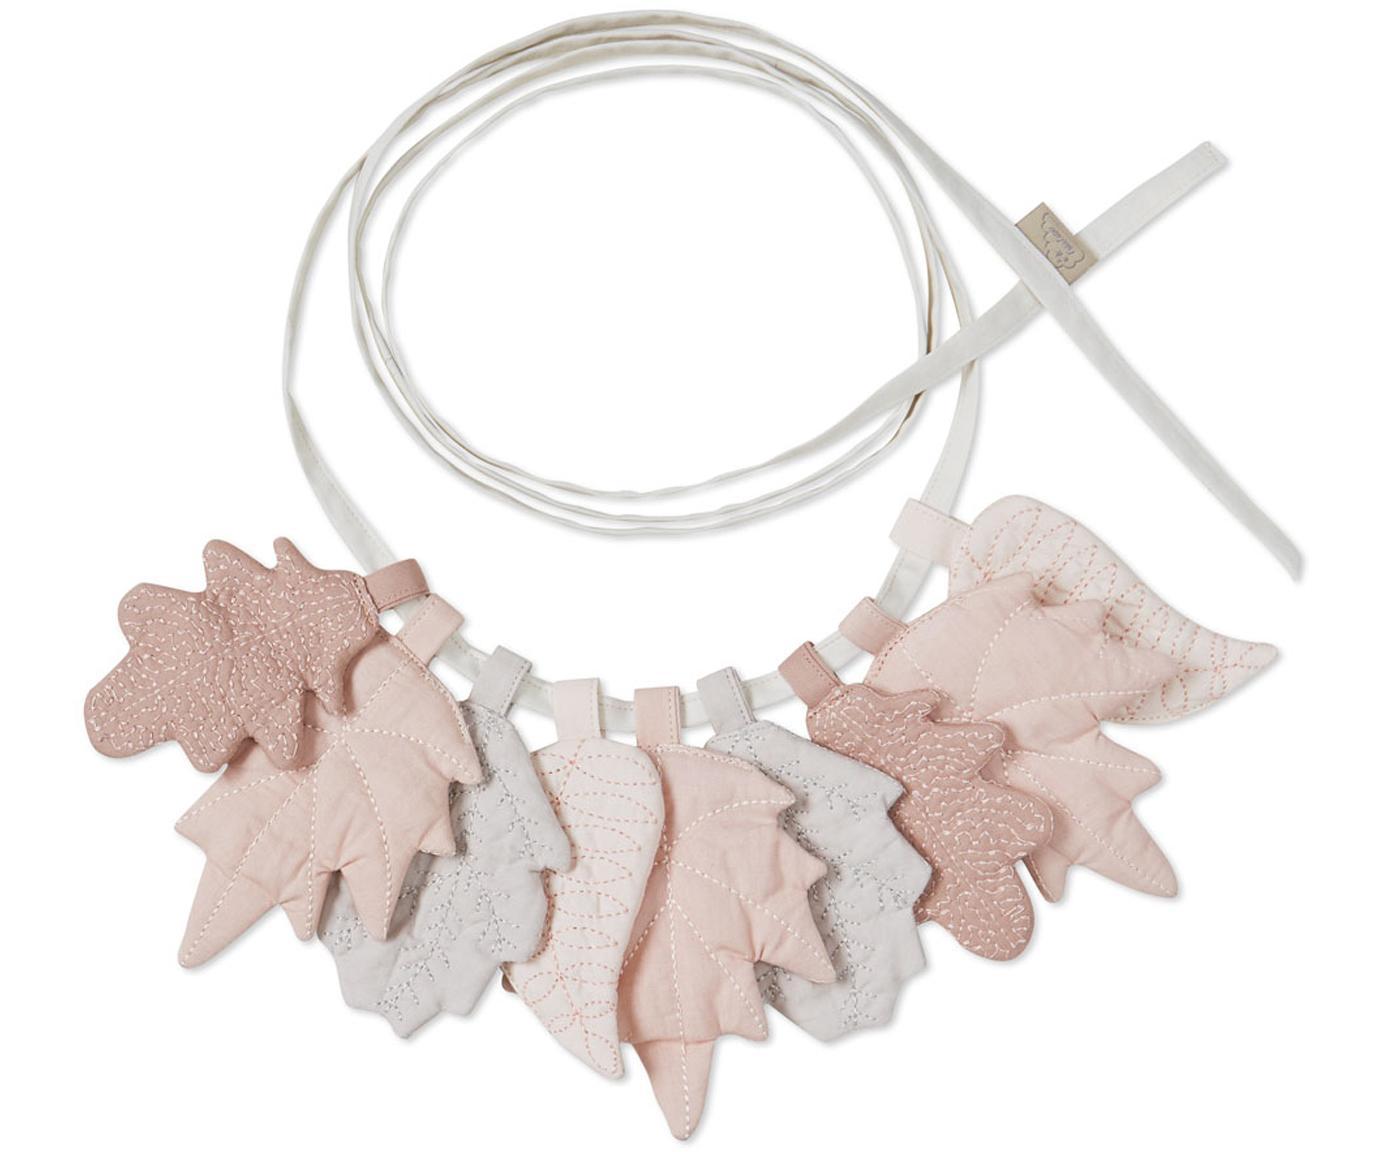 Ghirlanda in cotone organico Leaves, 2020 cm, Rivestimento: cotone organico, Toni rosa, grigio, Lung. 220 cm